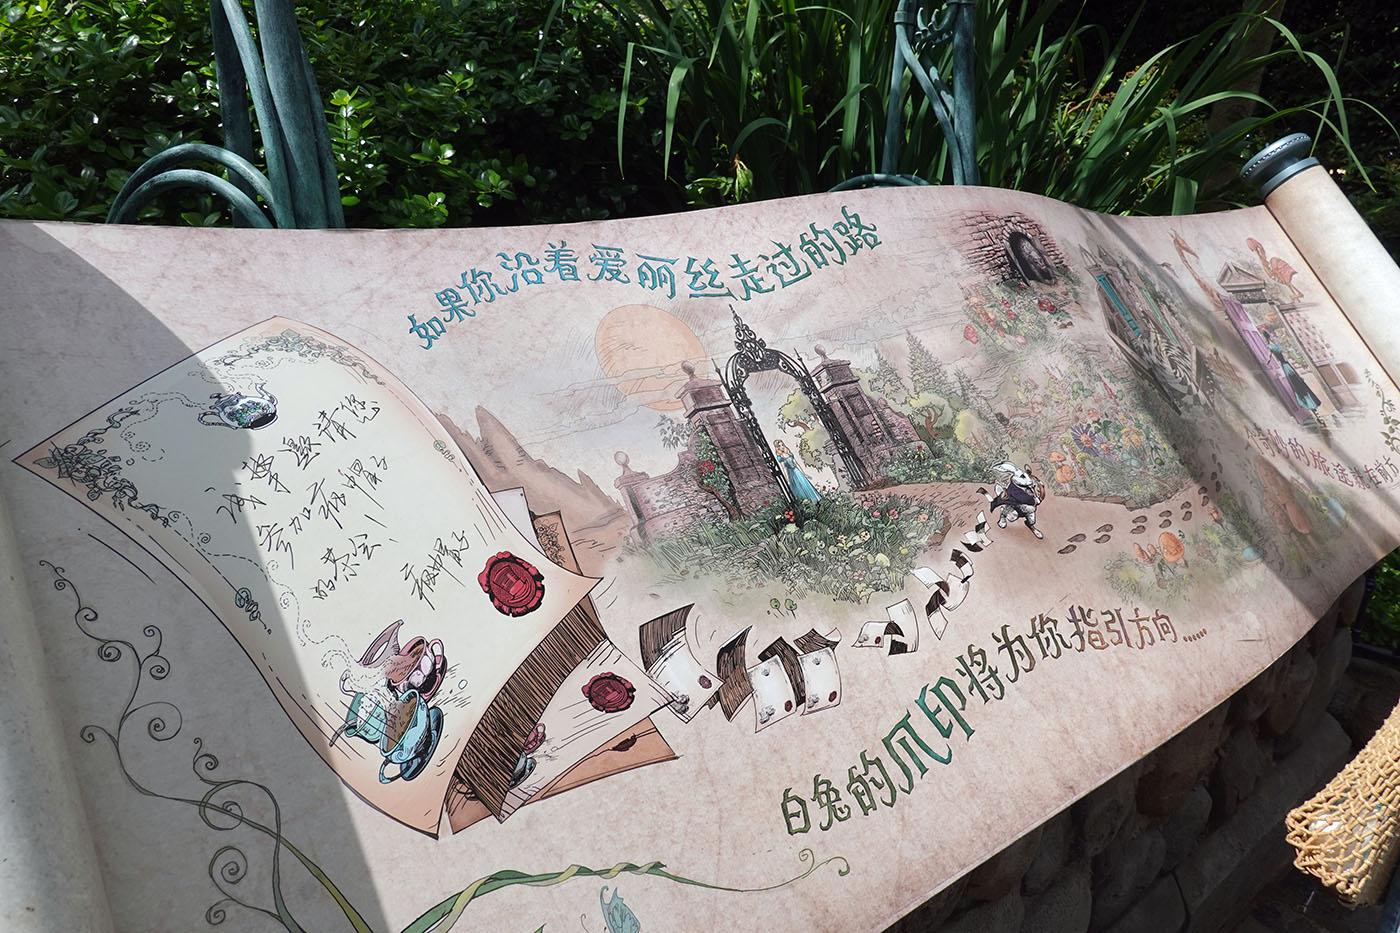 上海ディズニーランドアリス・イン・ワンダーランド・メイズ2